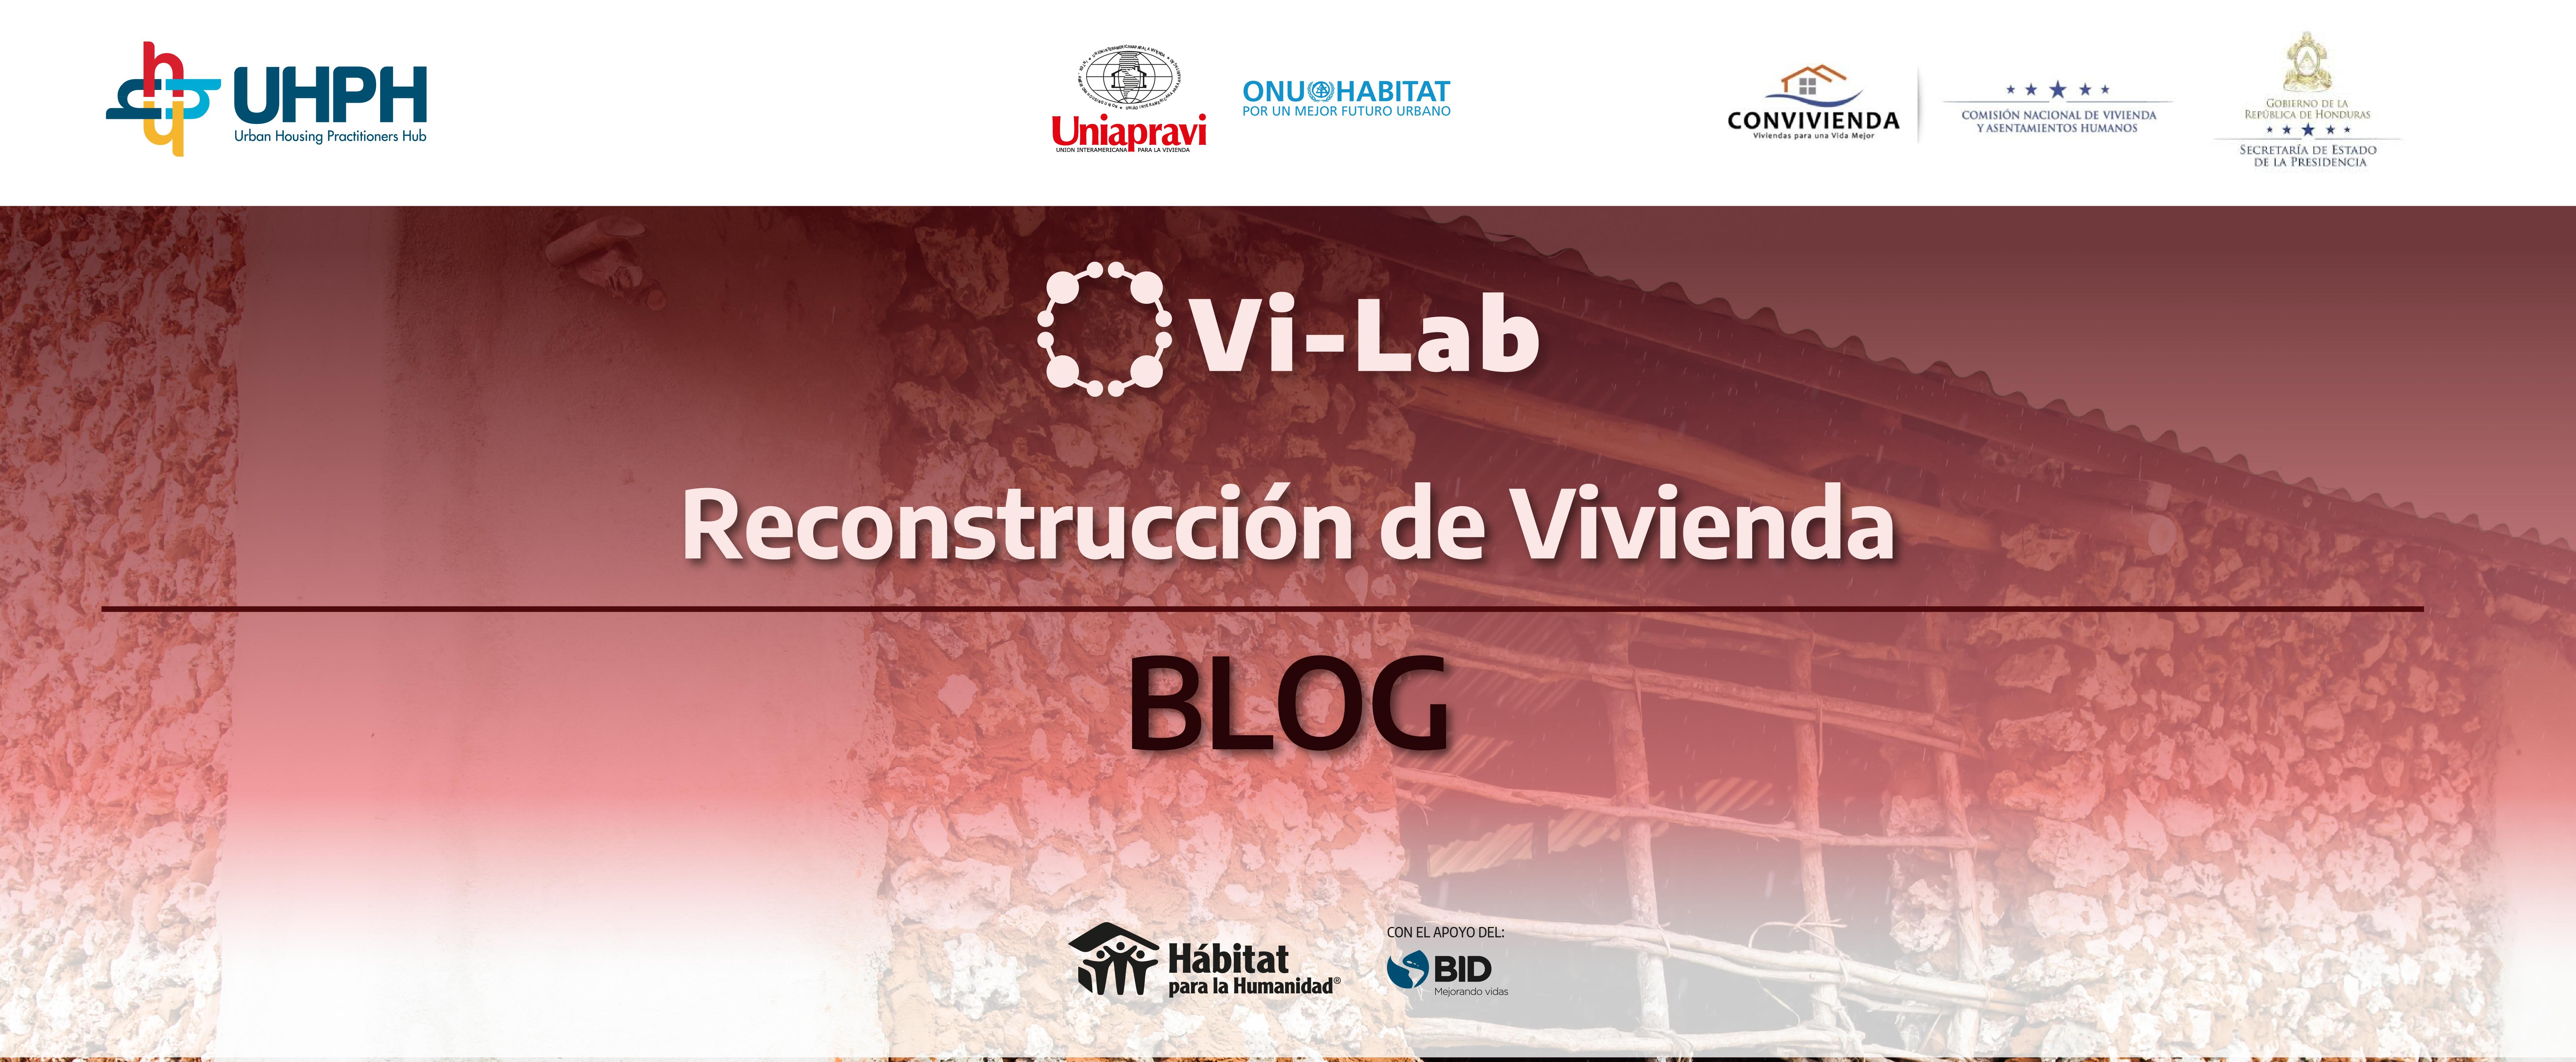 blog reconstrucción